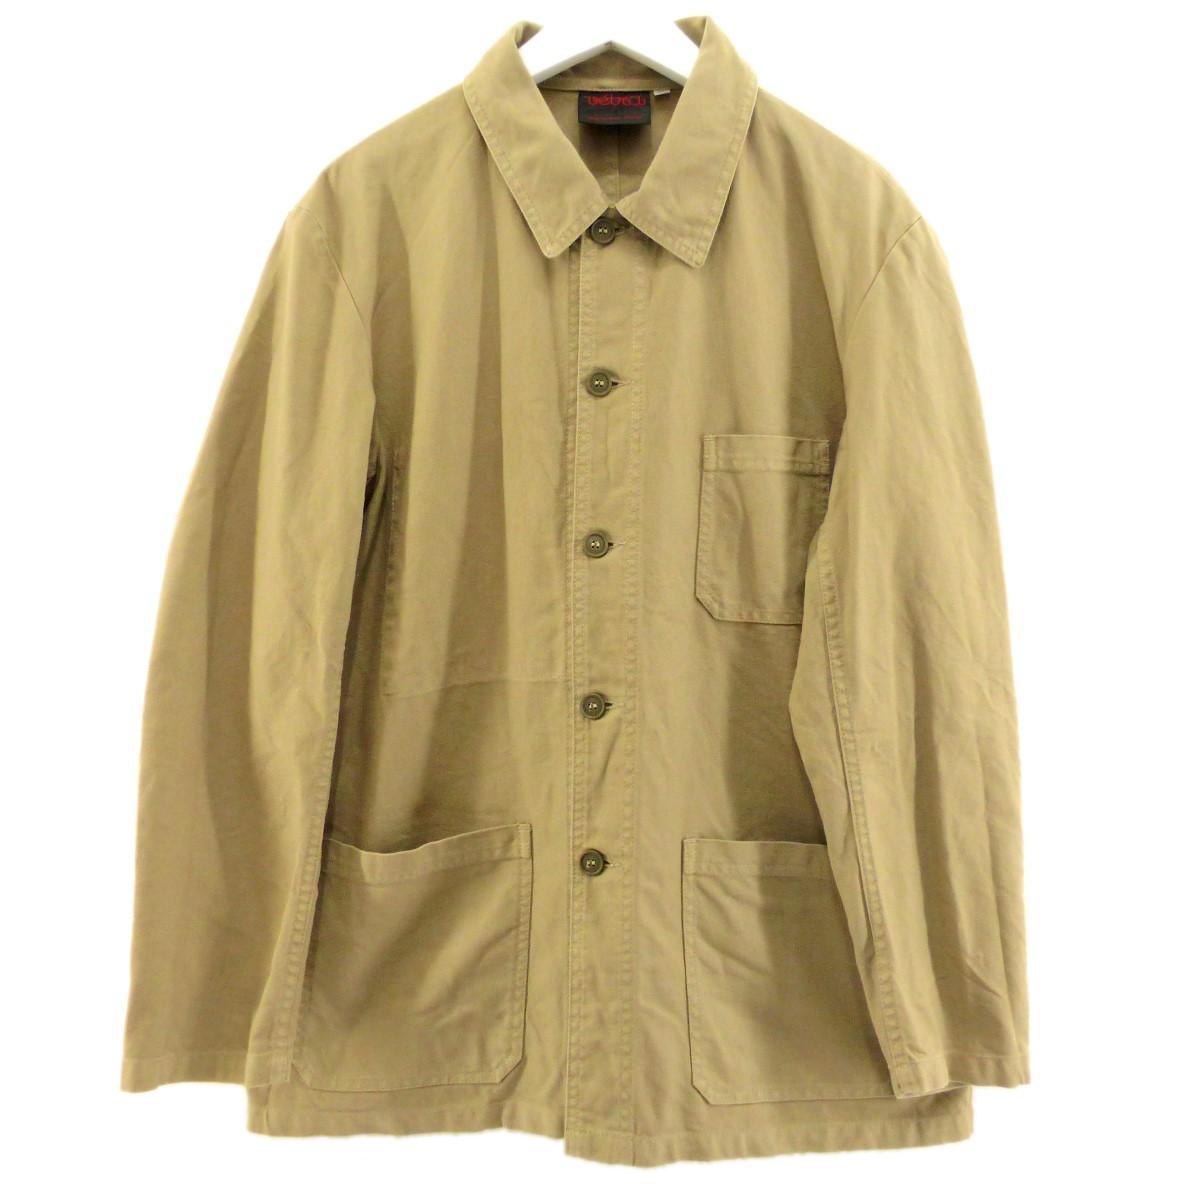 【中古】VETRA French Coverall Jacket ベージュ サイズ:42 【280720】(べトラ)